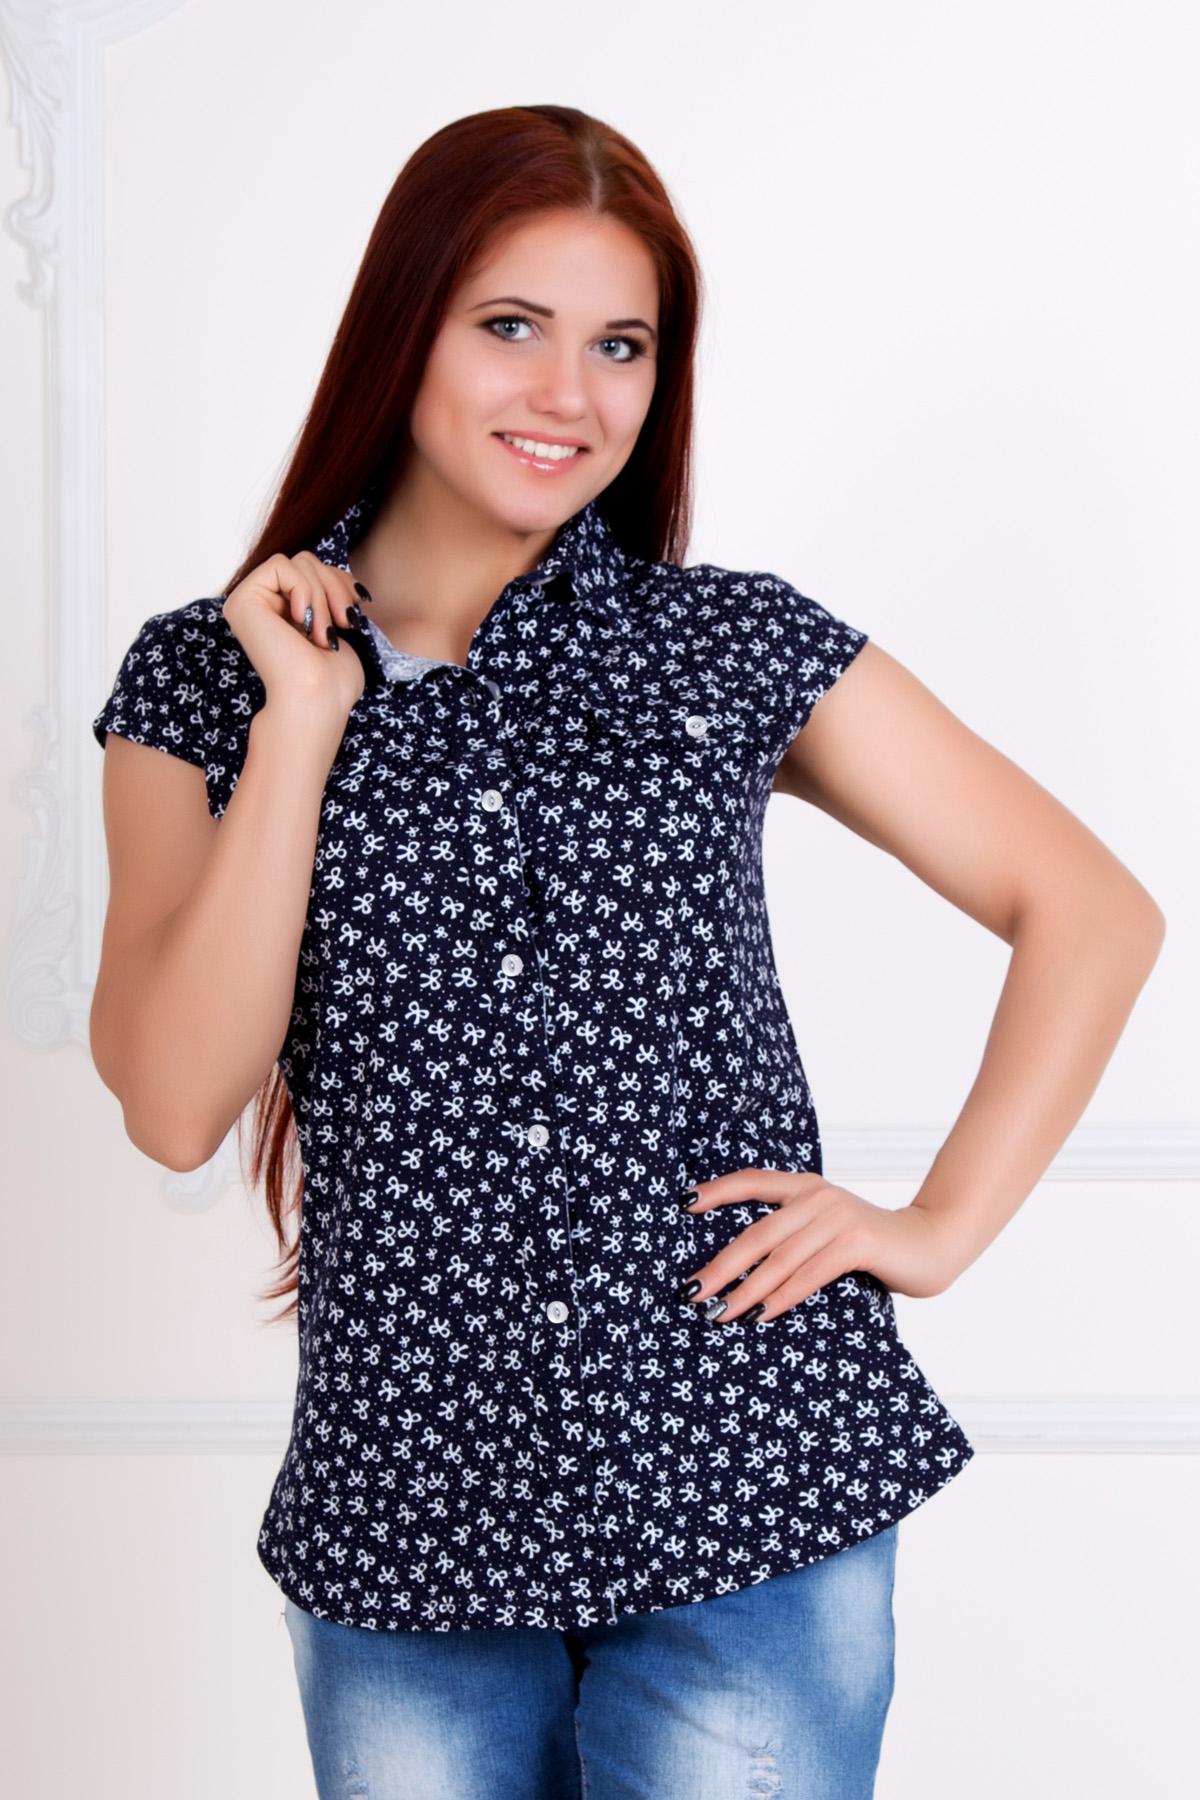 Жен. рубашка Летняя р. 44Рубашки<br>Обхват груди: 88 см <br>Обхват талии: 68 см <br>Обхват бедер: 96 см <br>Длина по спинке: 68 см <br>Рост: 167 см<br><br>Тип: Жен. рубашка<br>Размер: 44<br>Материал: Кулирка